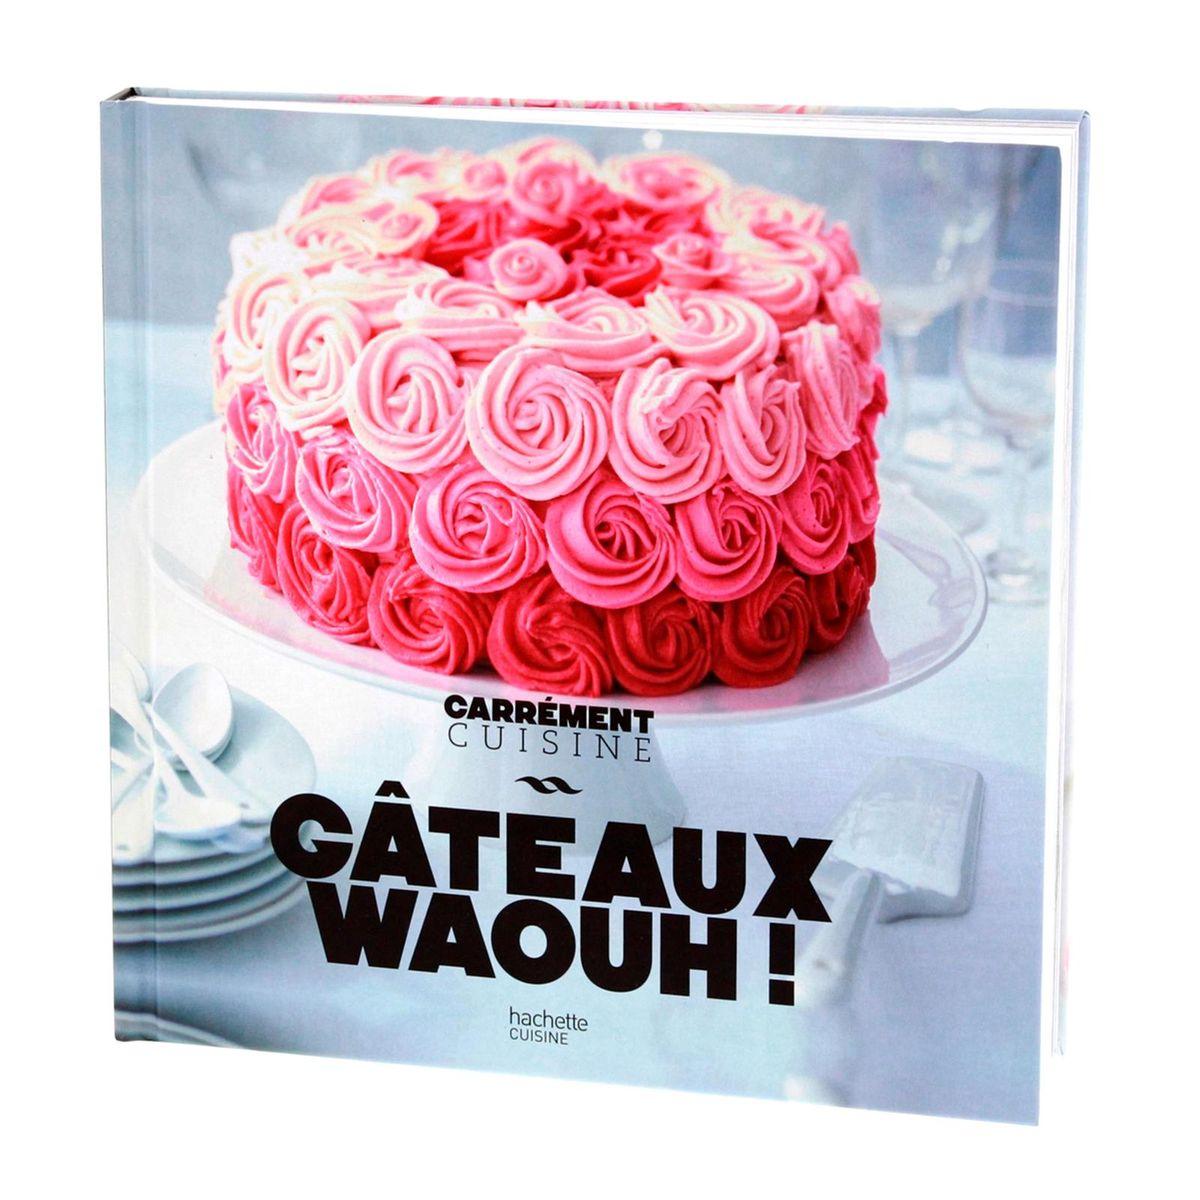 Gâteaux wahou - Carrément Cuisine  - Hachette Cuisine